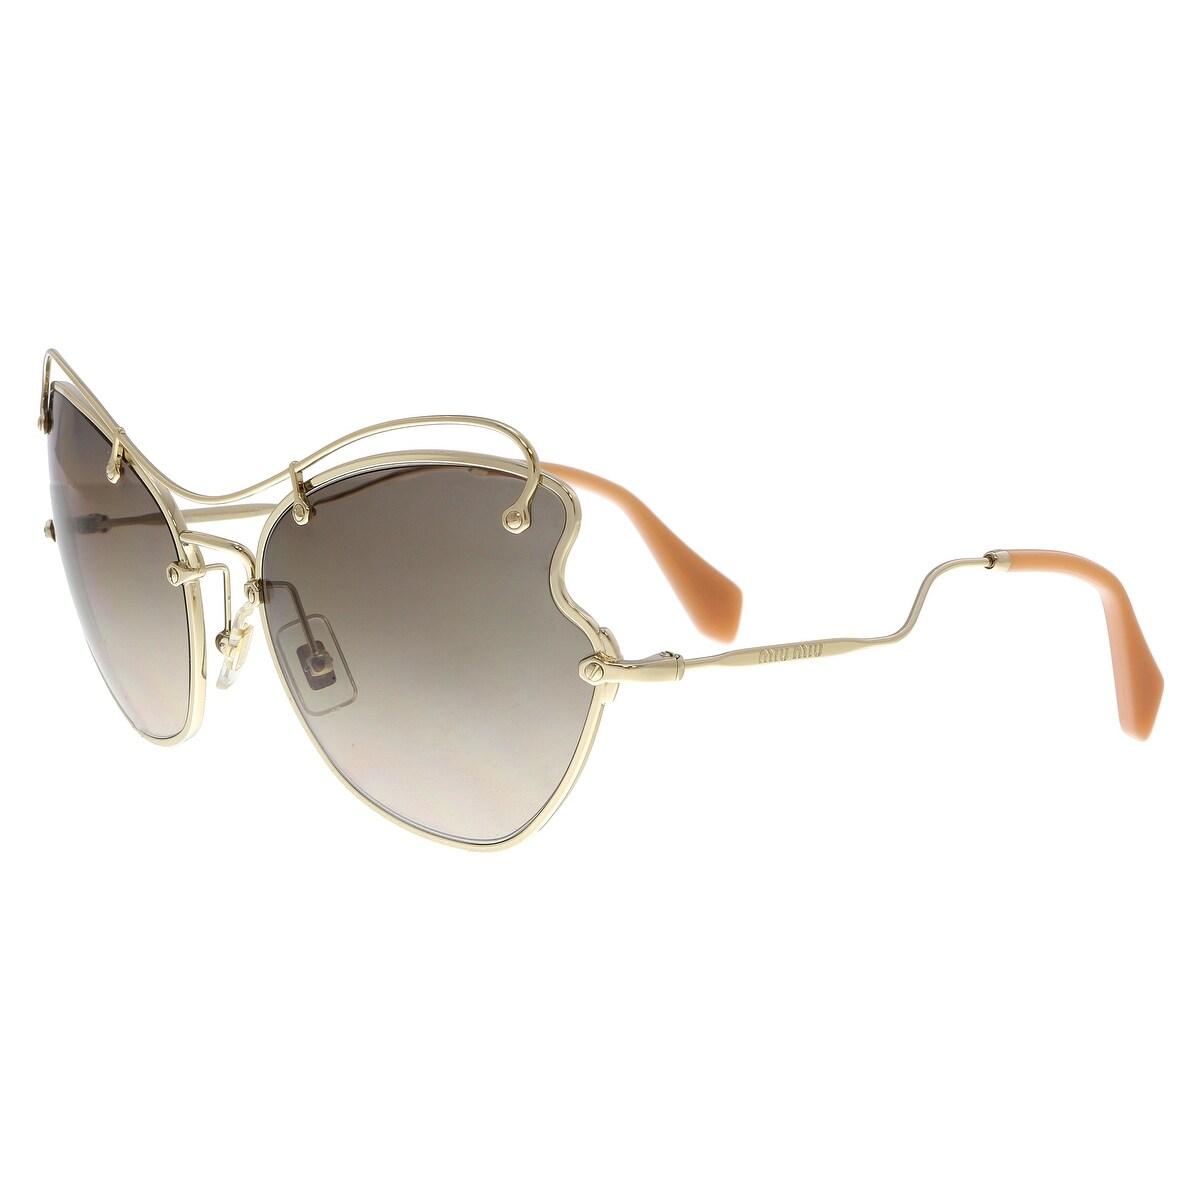 7eb547cf3d2 Shop MIU MIU MU56RS ZVN3D0 Pale Gold Butterfly Sunglasses - No Size ...